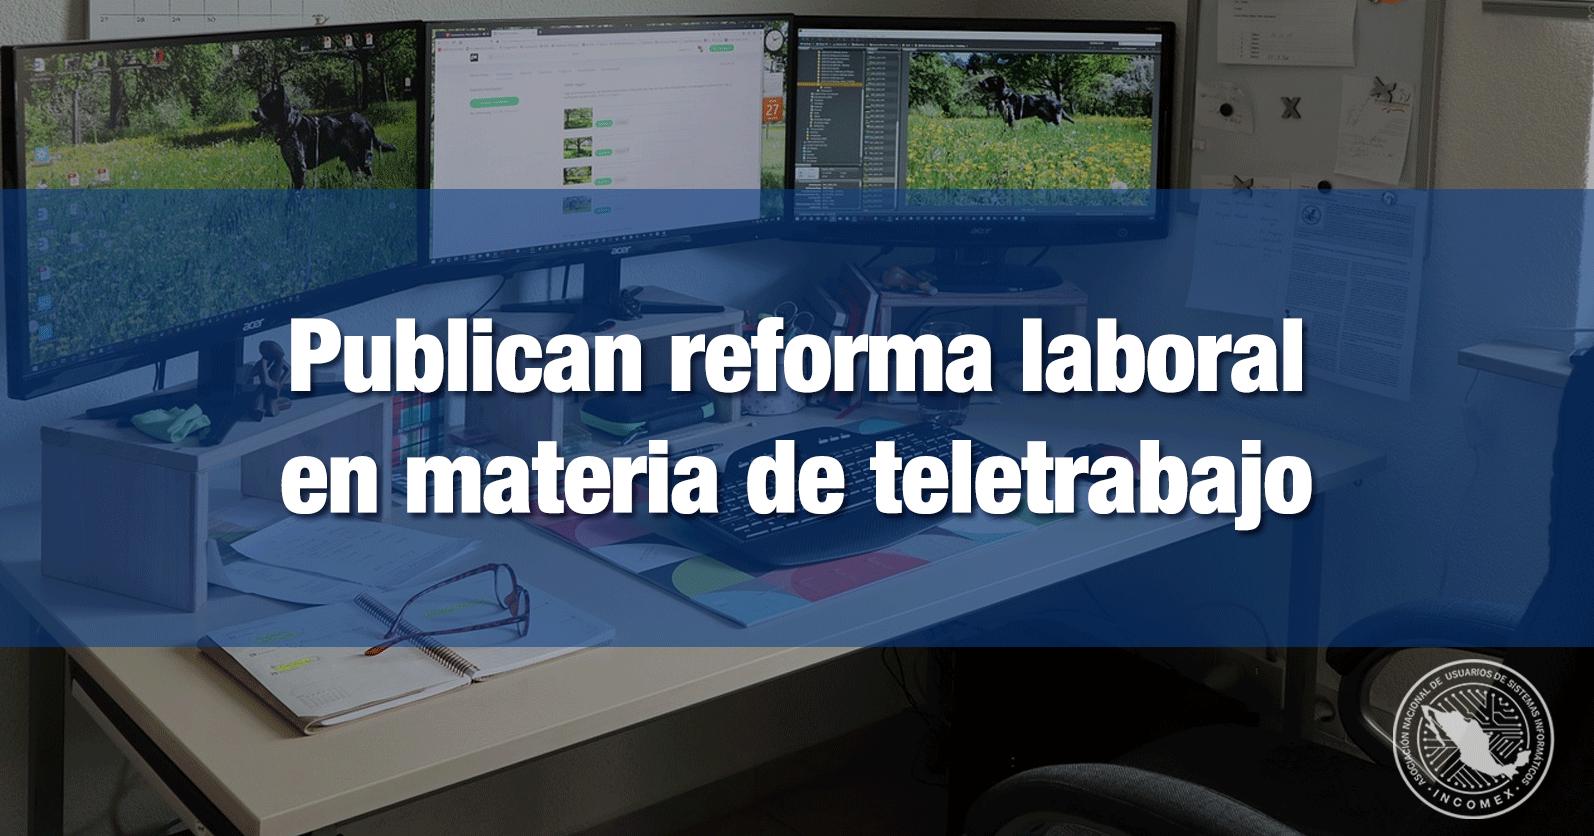 Publican reforma laboral en materia de teletrabajo